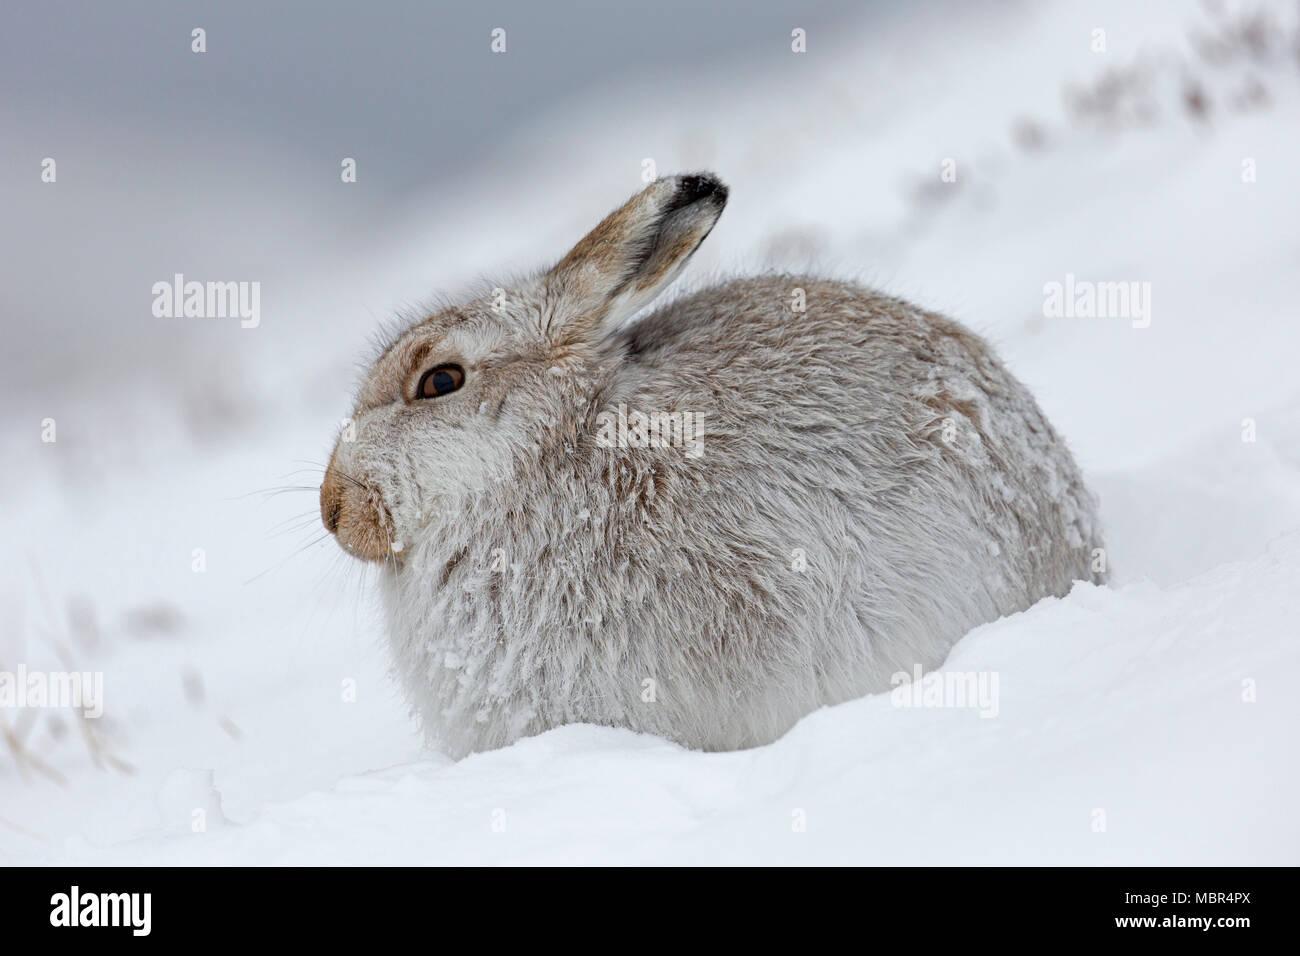 Mountain Hare Hare / nieve / alpino de la liebre (Lepus timidus) en invierno blanco pelaje descansando en la ladera durante la tormenta de nieve Imagen De Stock